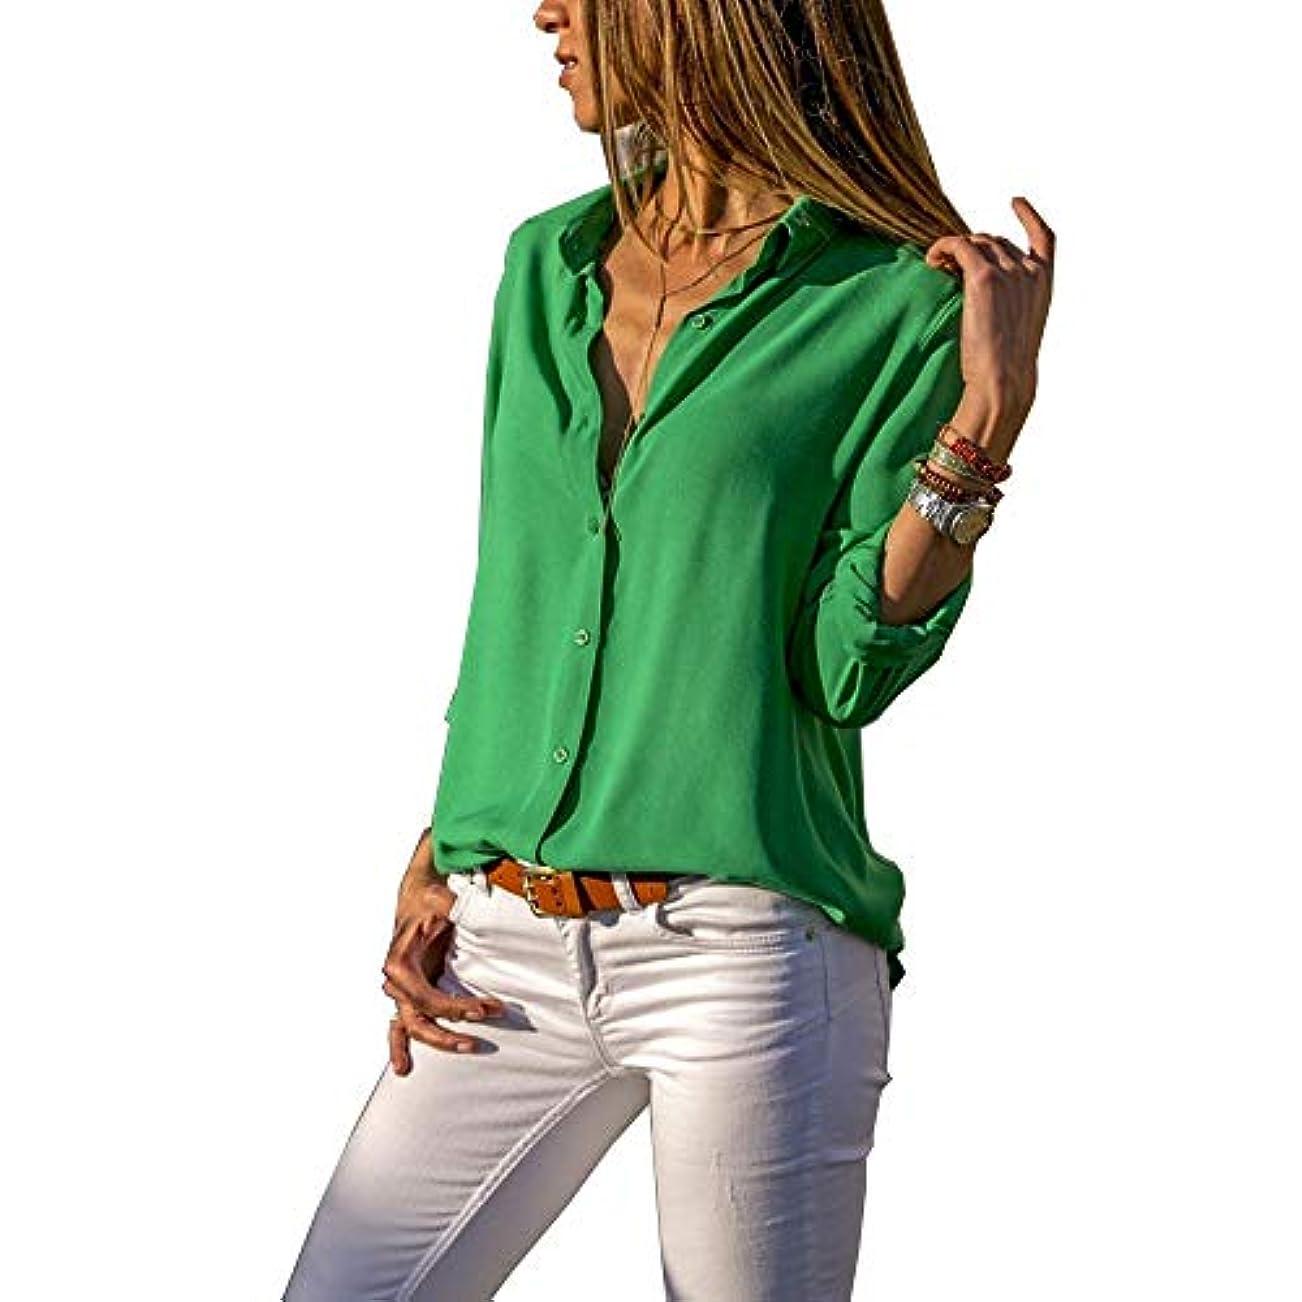 目を覚ます期間掻くMIFAN ルーズシャツ、トップス&Tシャツ、プラスサイズ、トップス&ブラウス、シフォンブラウス、女性トップス、シフォンシャツ